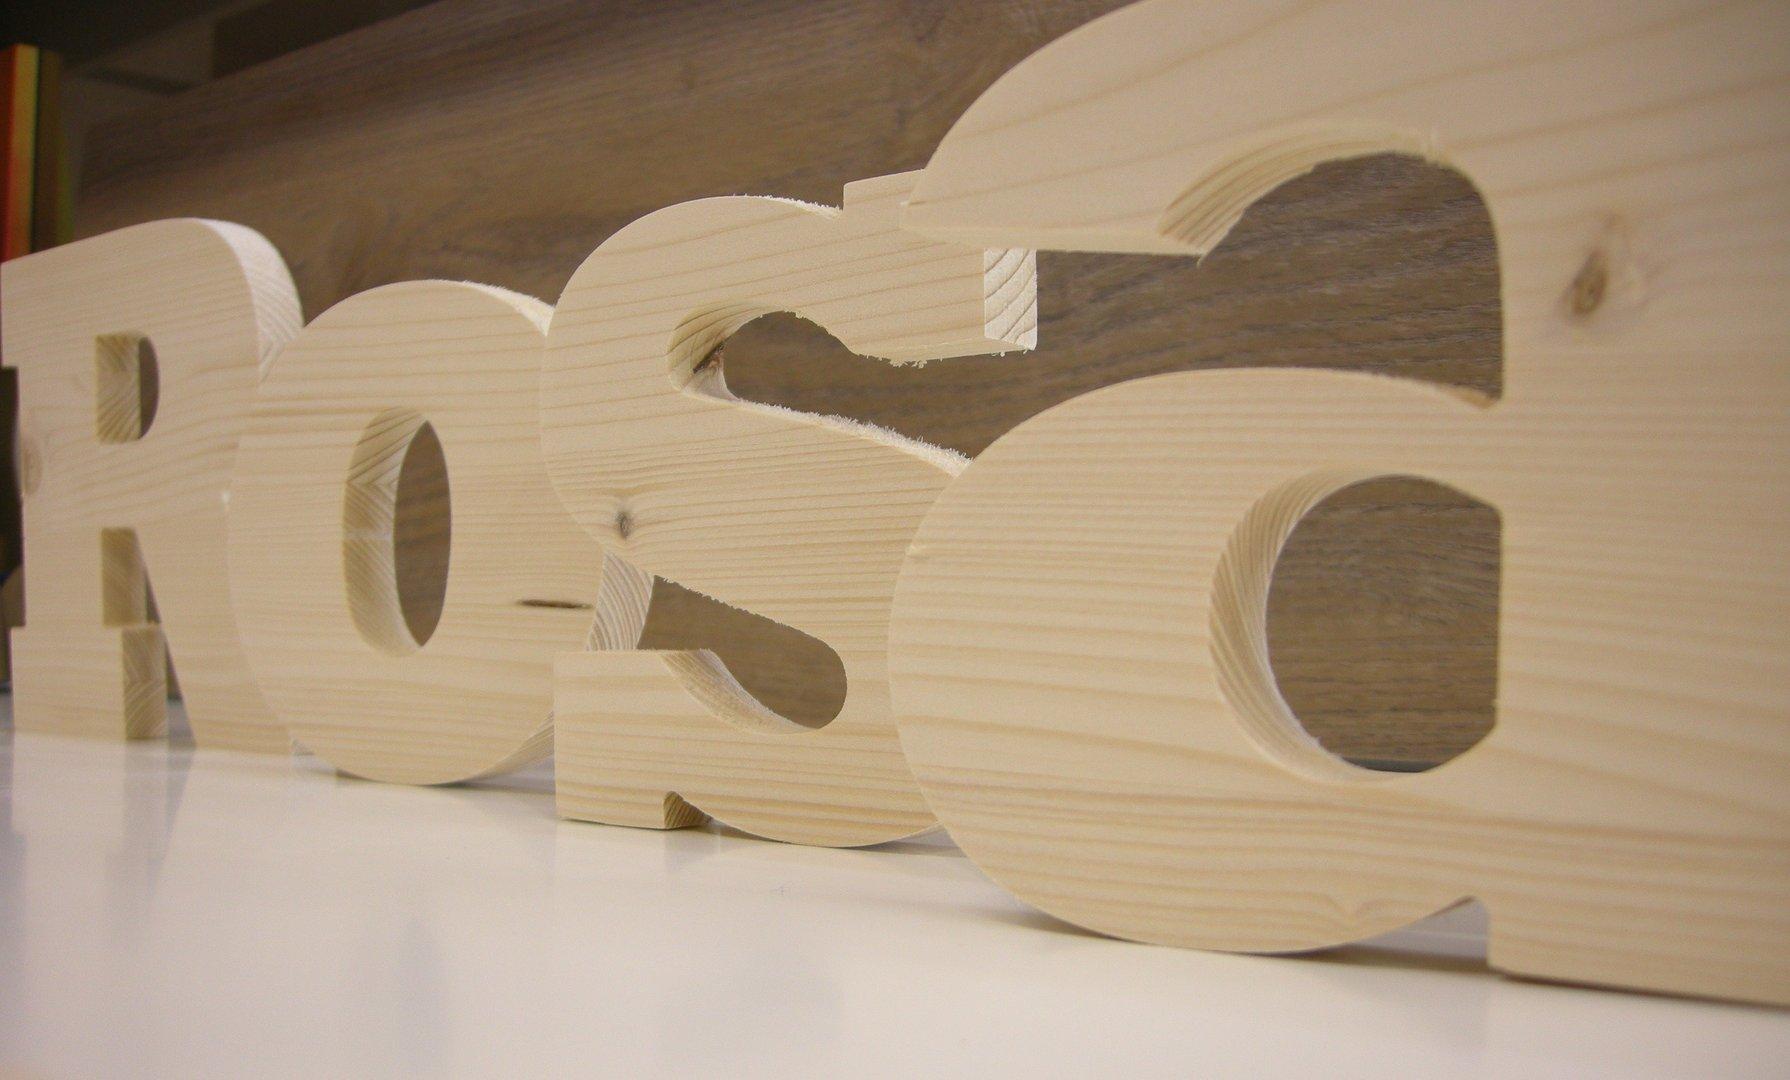 Letras madera maciza 40 cm gla de roure shop telf - Letras en madera ...